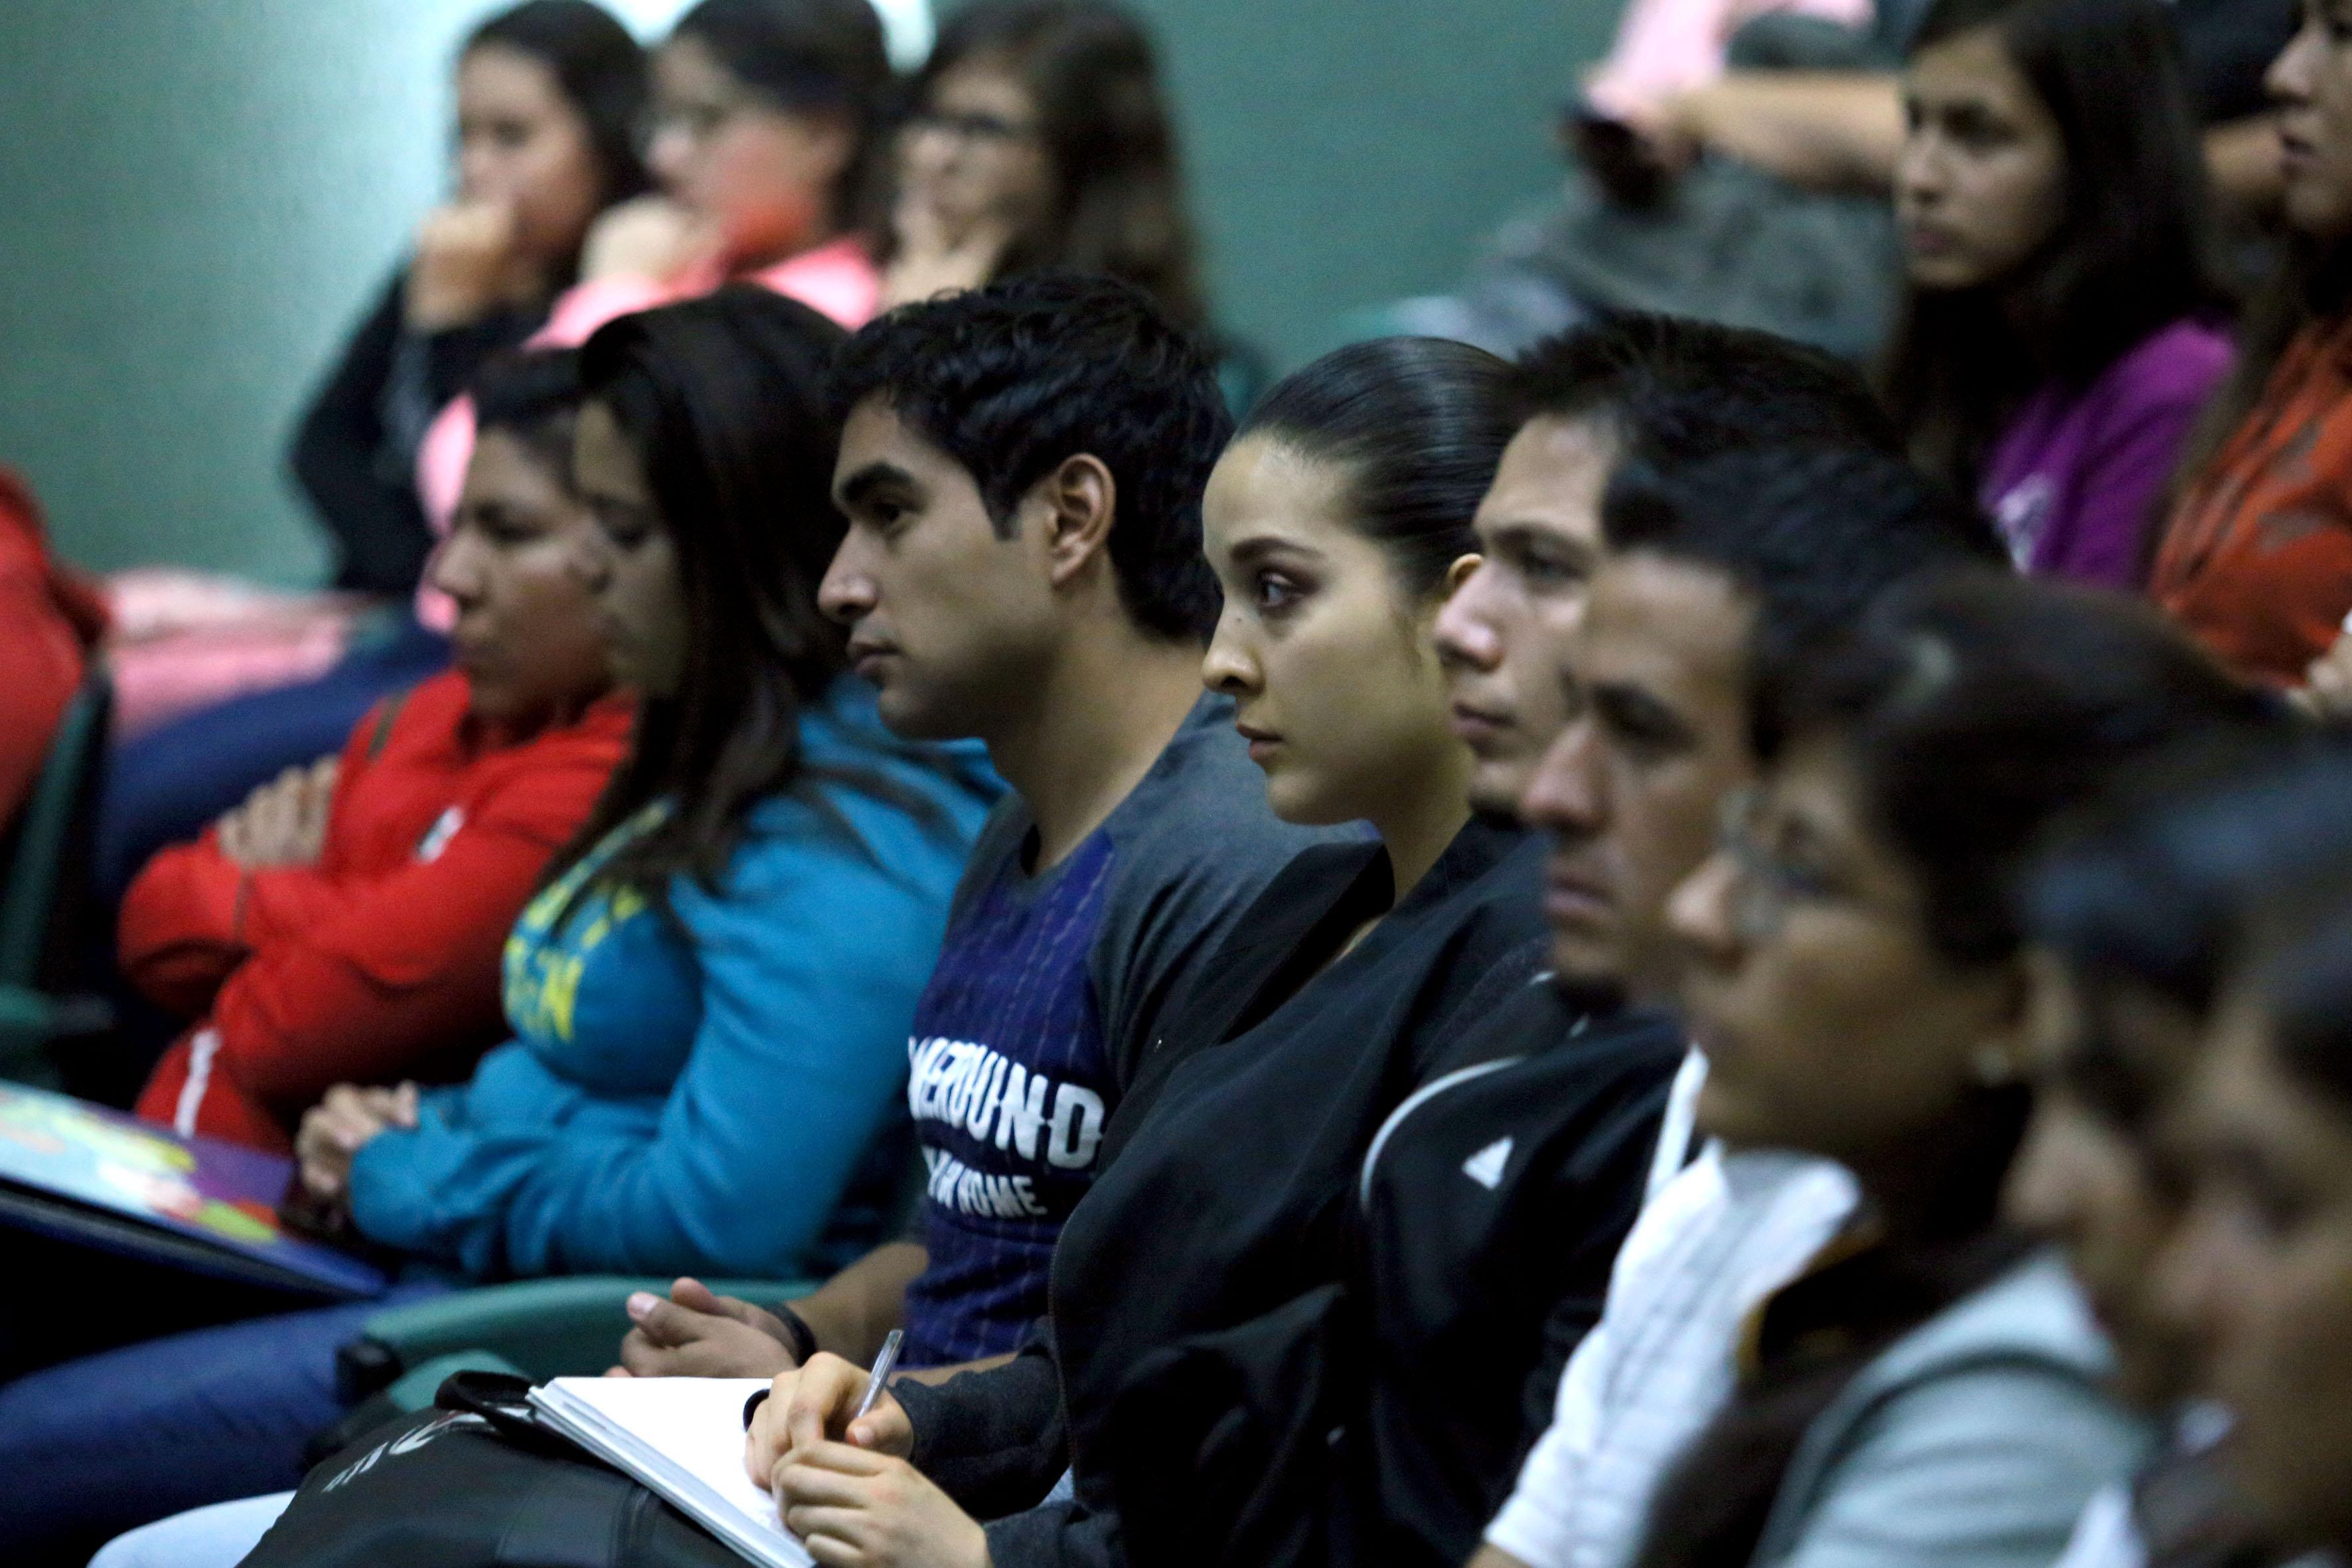 personas poniendo atencion a conferencia en foro universitario